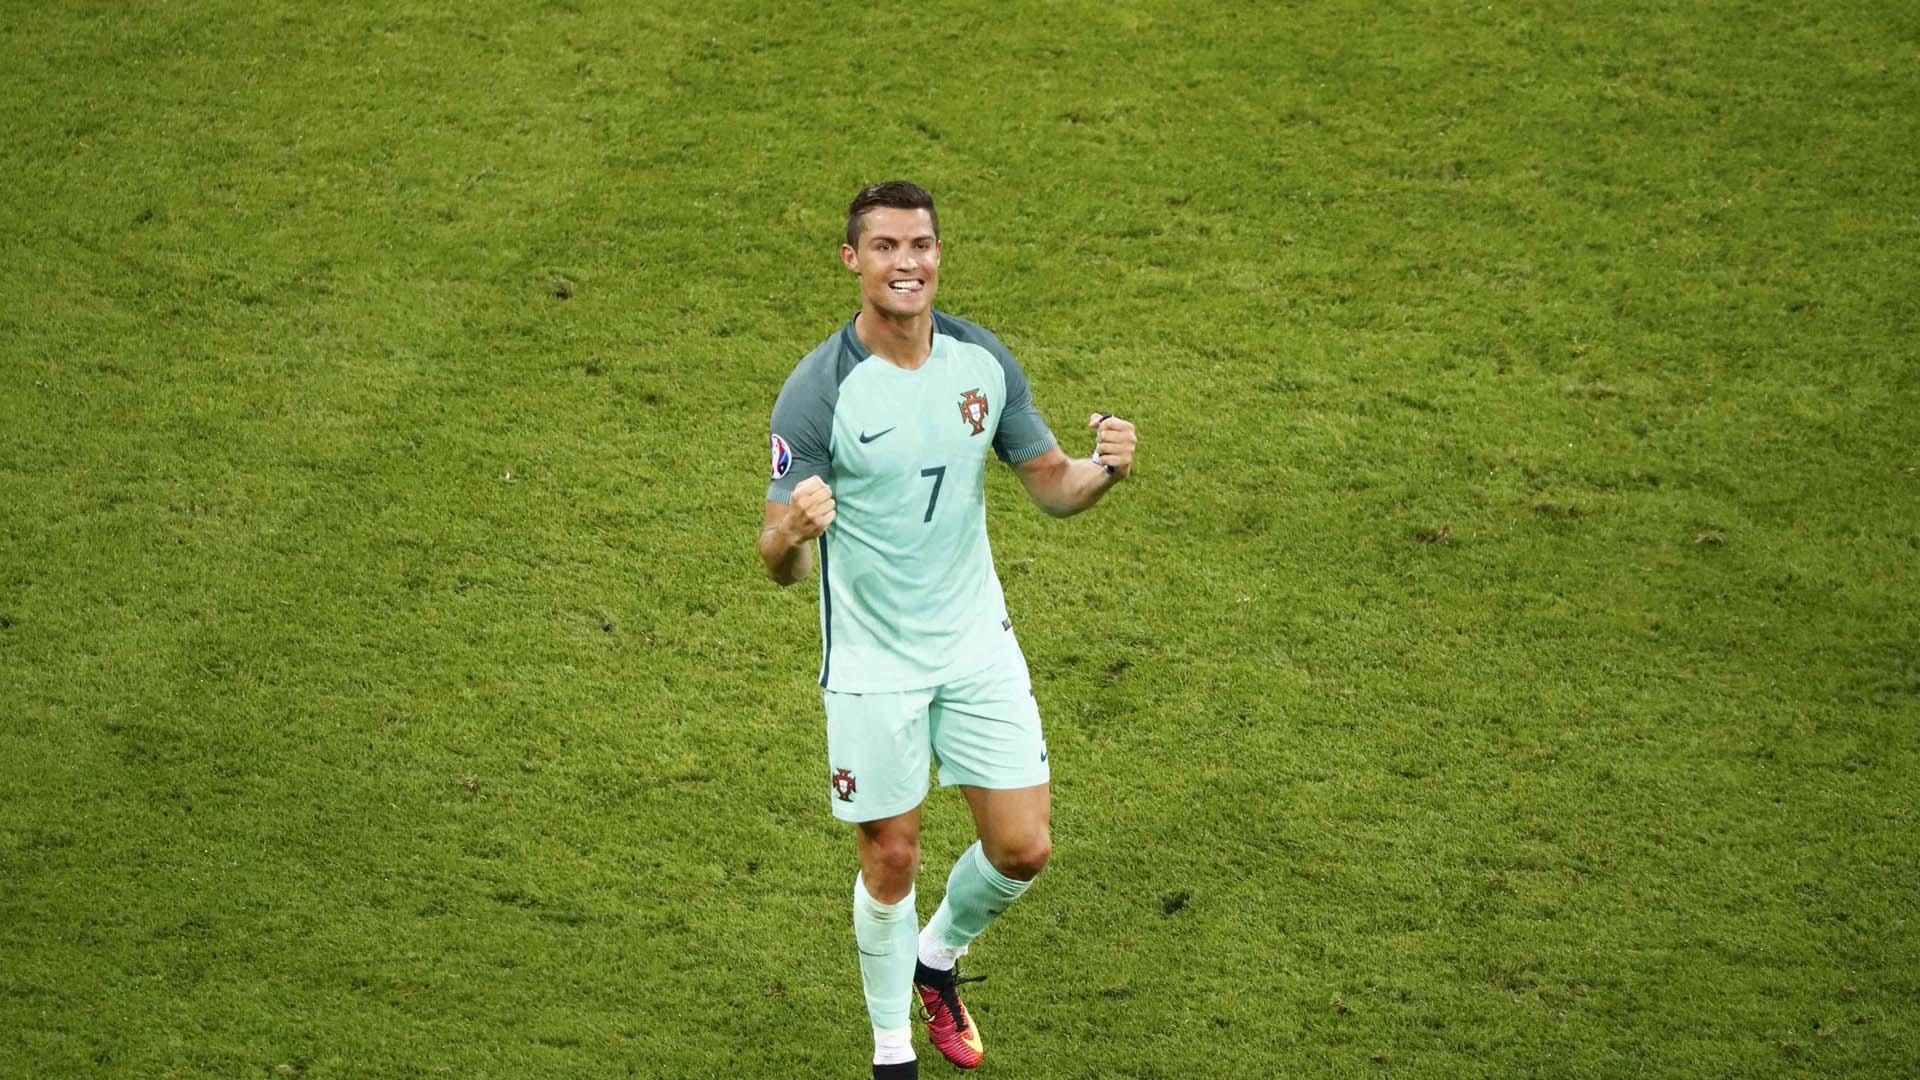 Este es el primero de cuatro hoteles que llevarán la imagen del futbolista en tres países distintos